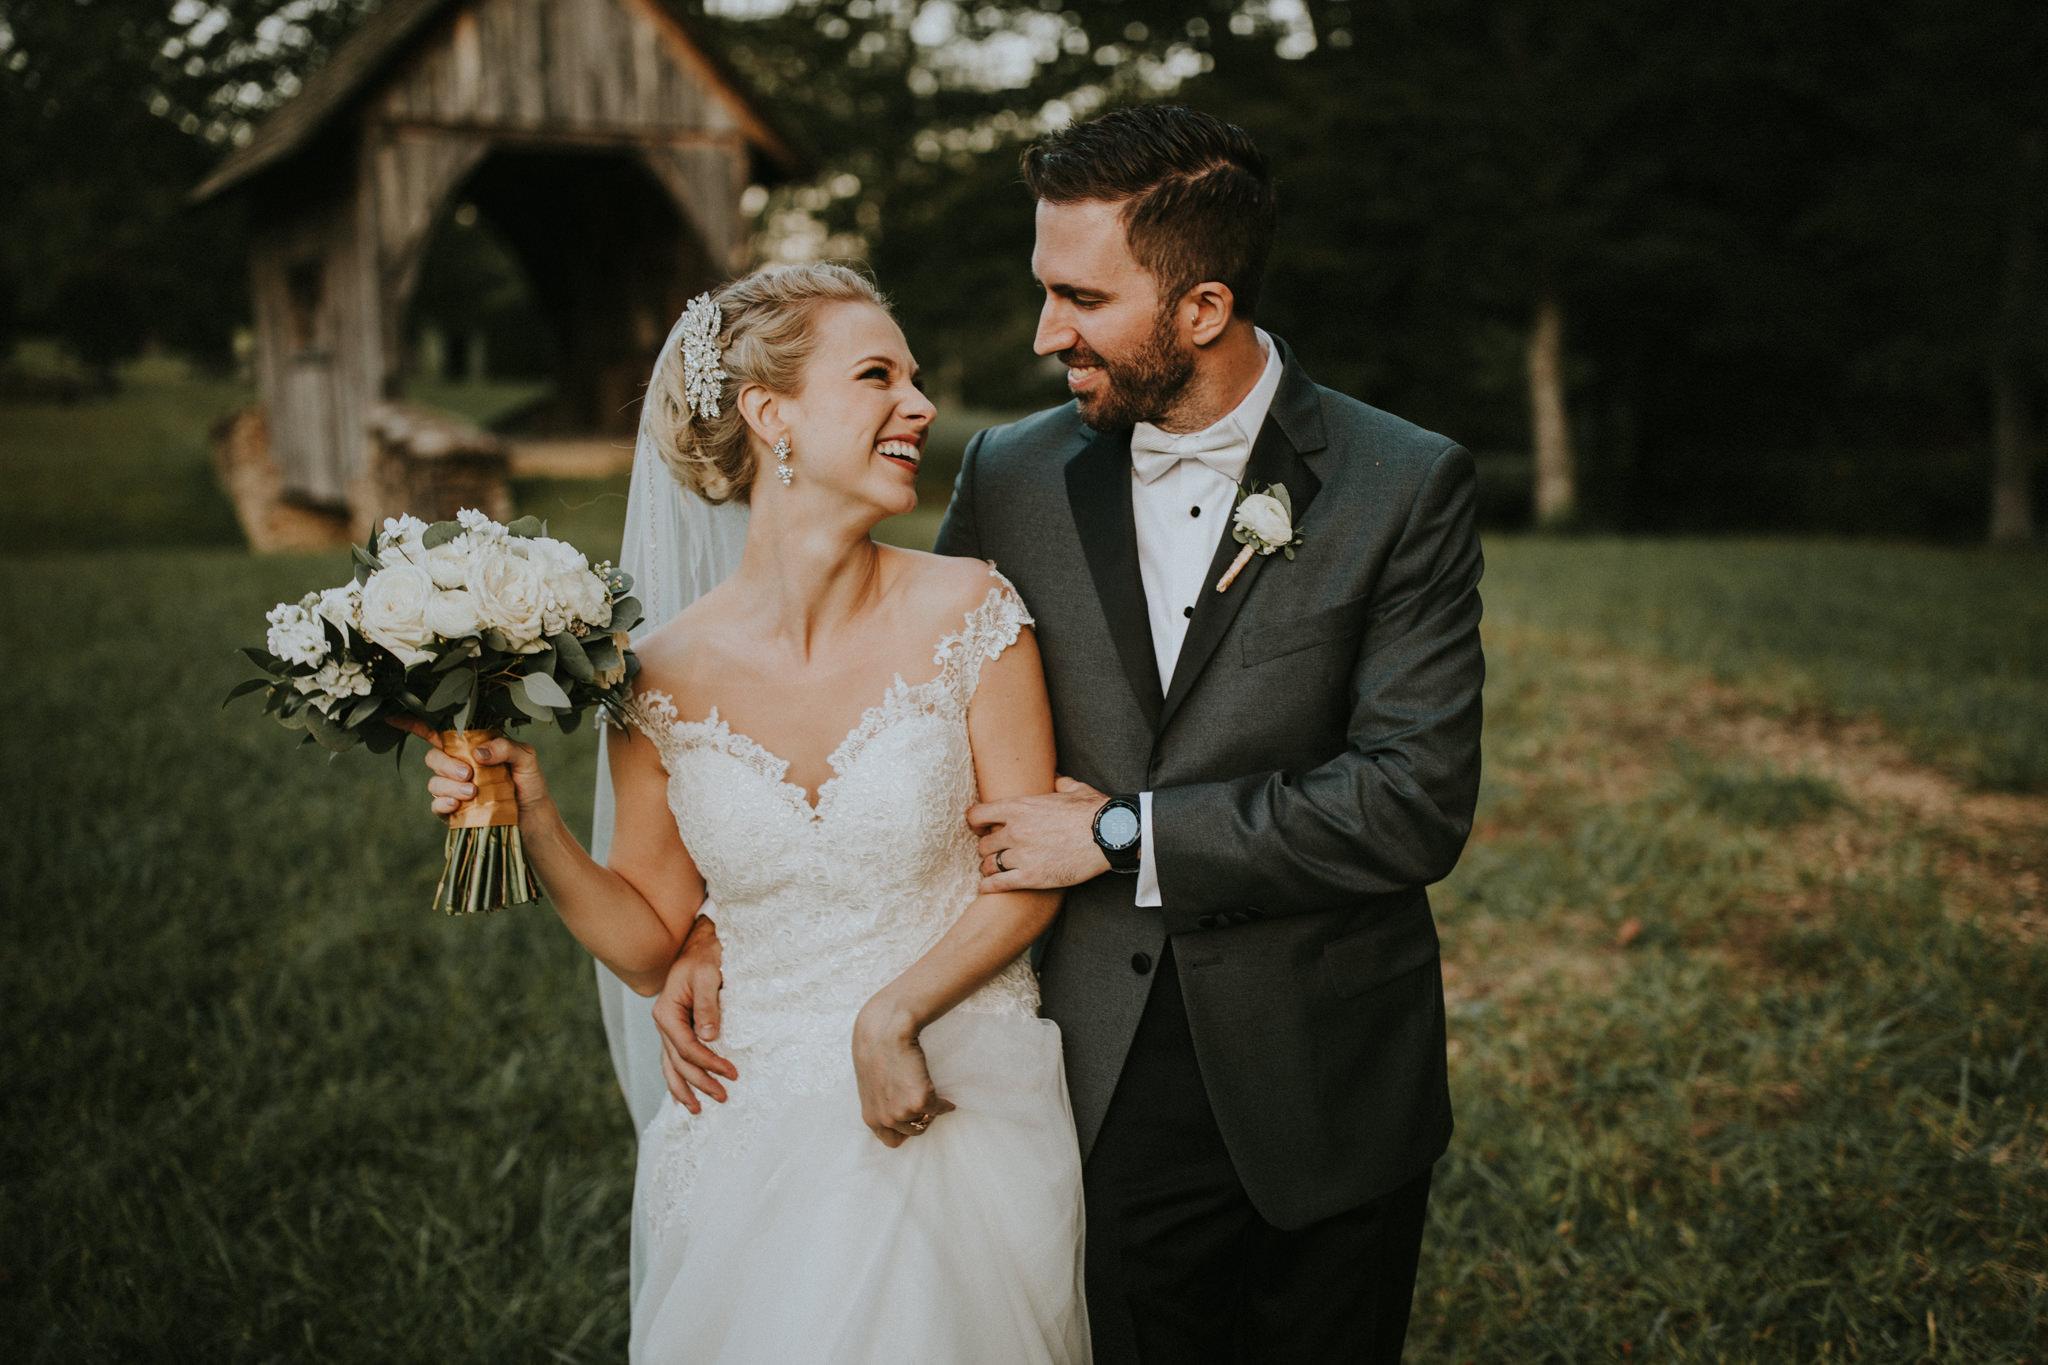 Wedding Photographer Cedar Rapids